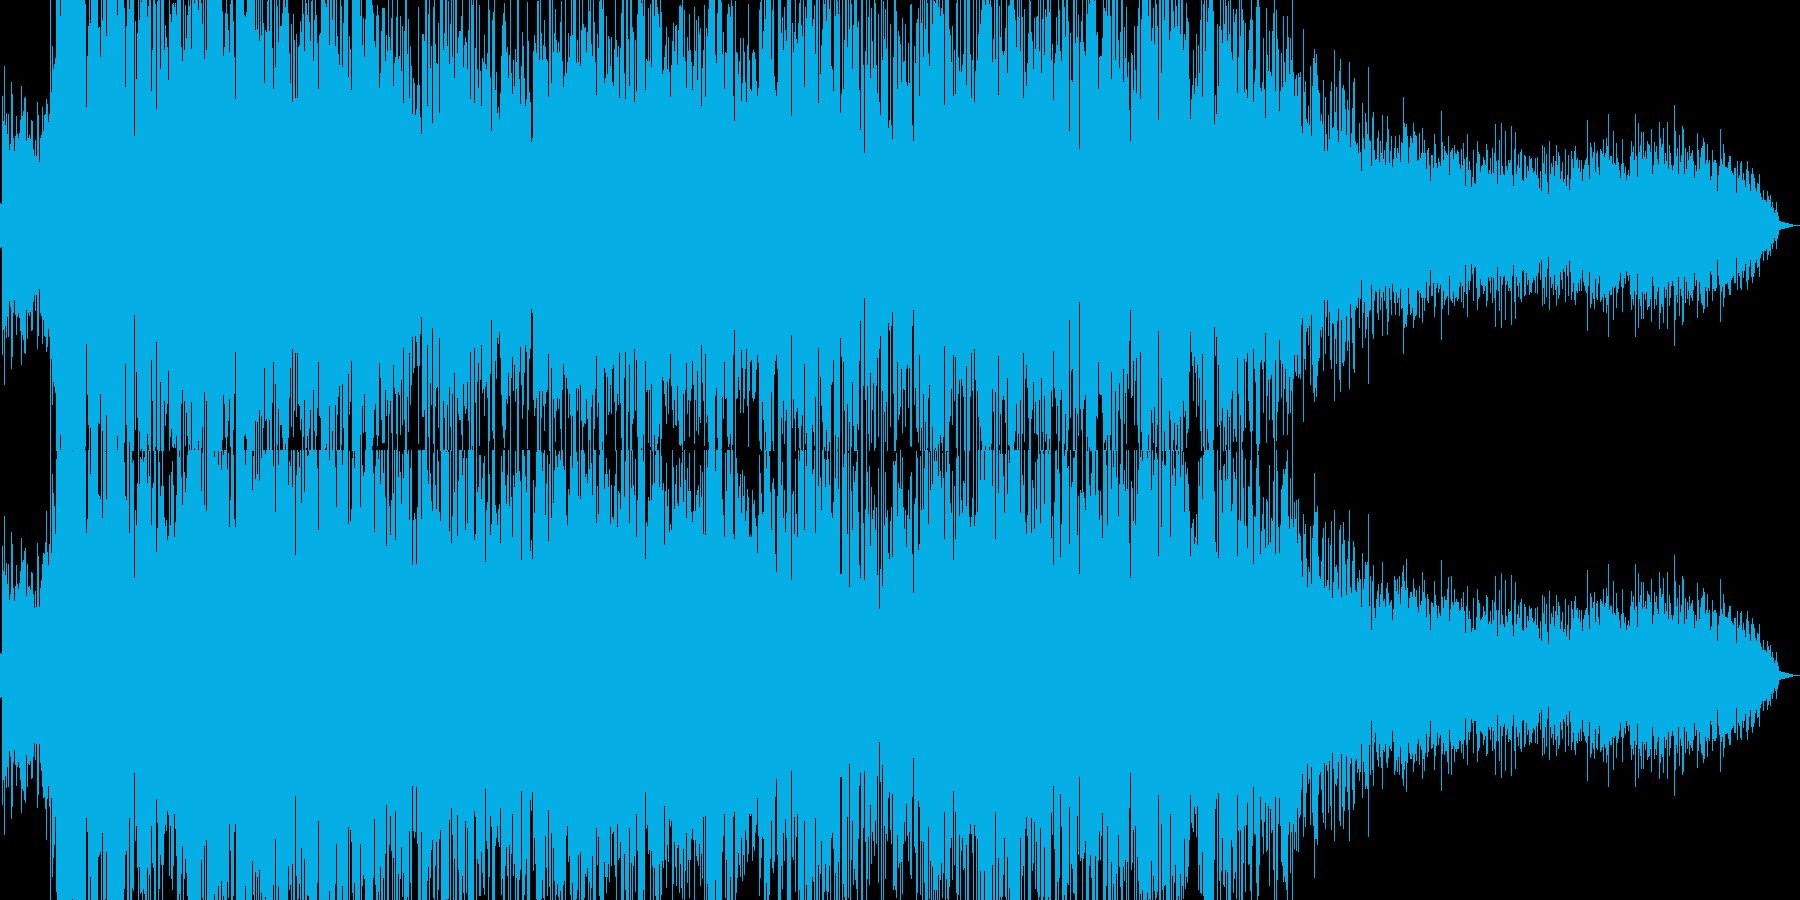 爆発/落雷から電気が迸るイメージの音の再生済みの波形